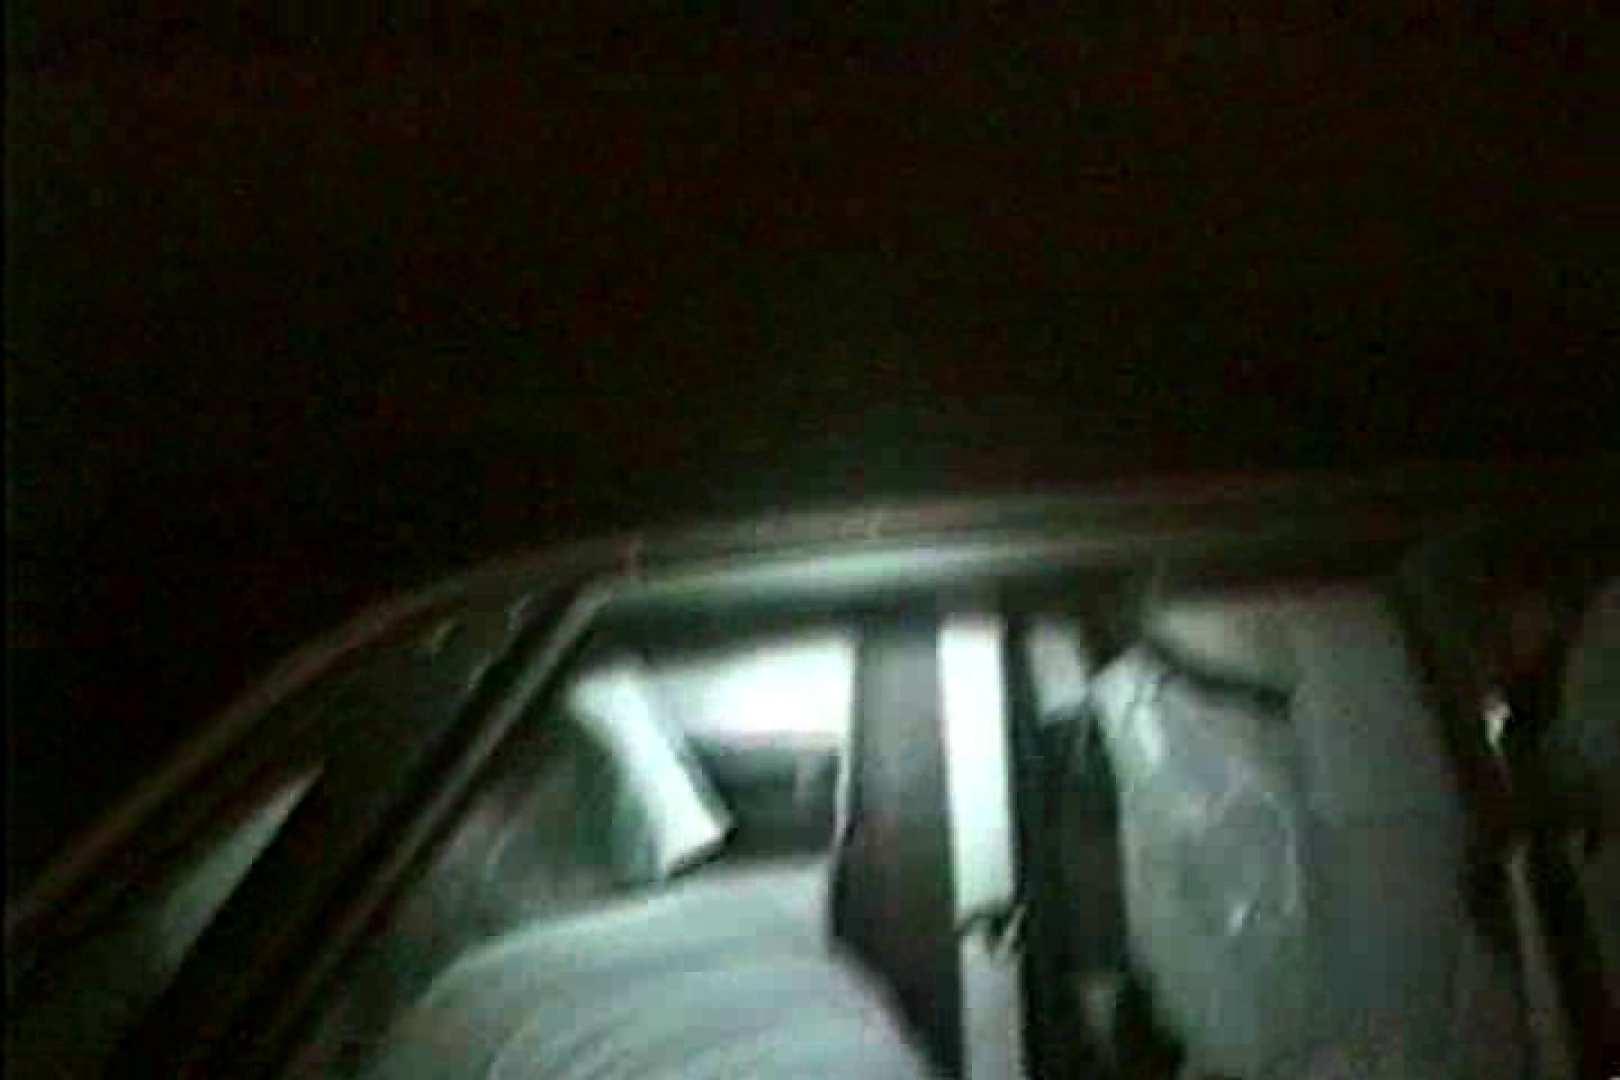 車の中はラブホテル 無修正版  Vol.6 名作 | 赤外線  89画像 9